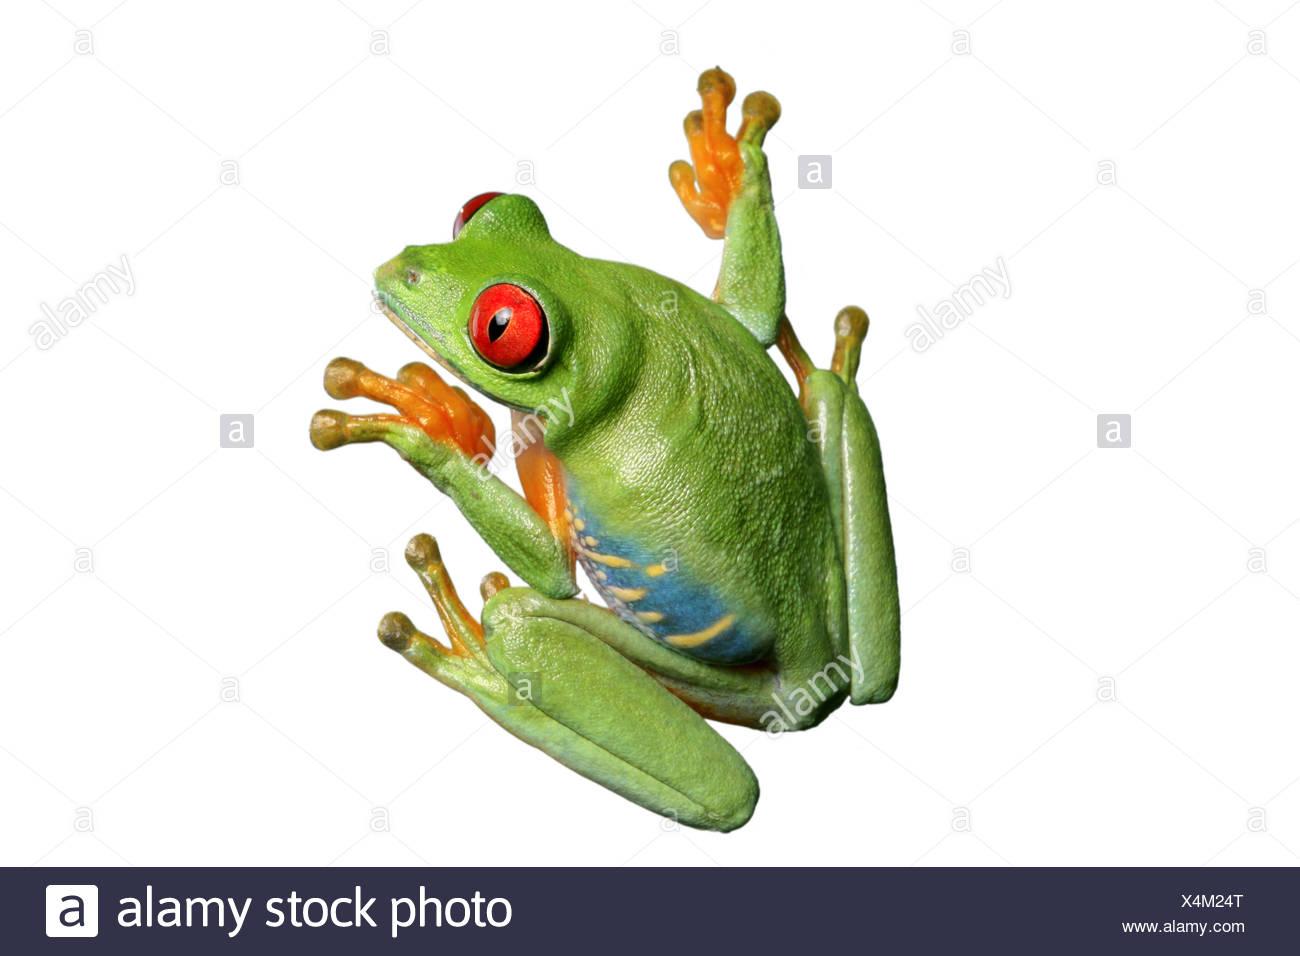 red-eyed treefrog, redeyed treefrog, redeye treefrog, red eye treefrog, red eyed frog (Agalychnis callidryas) Stock Photo